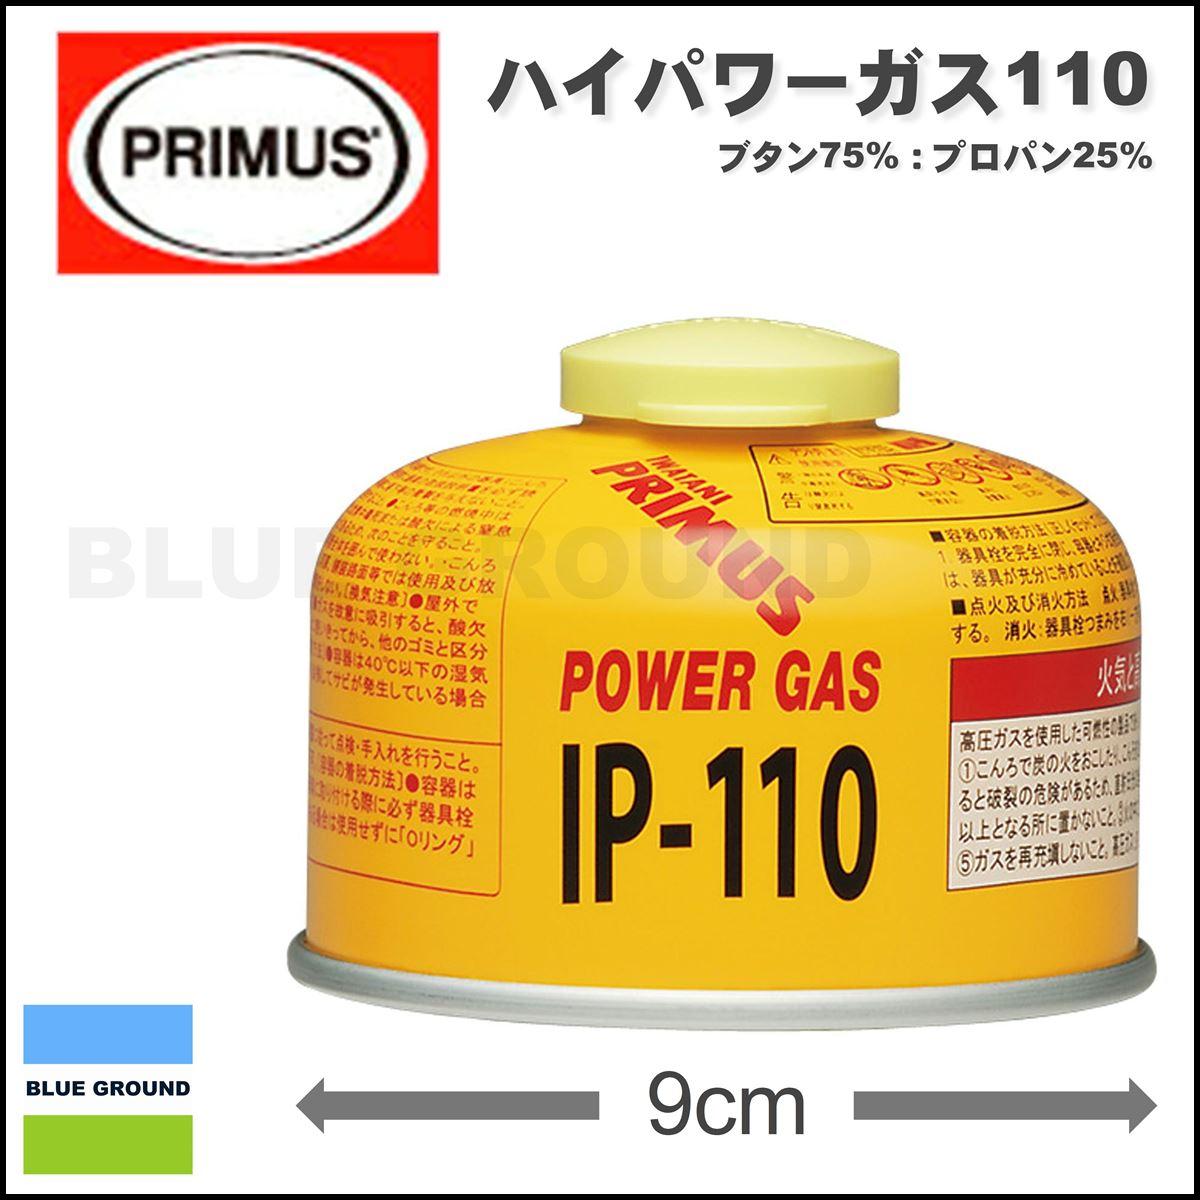 プリムス/ガスカートリッジ ハイパワーガス110